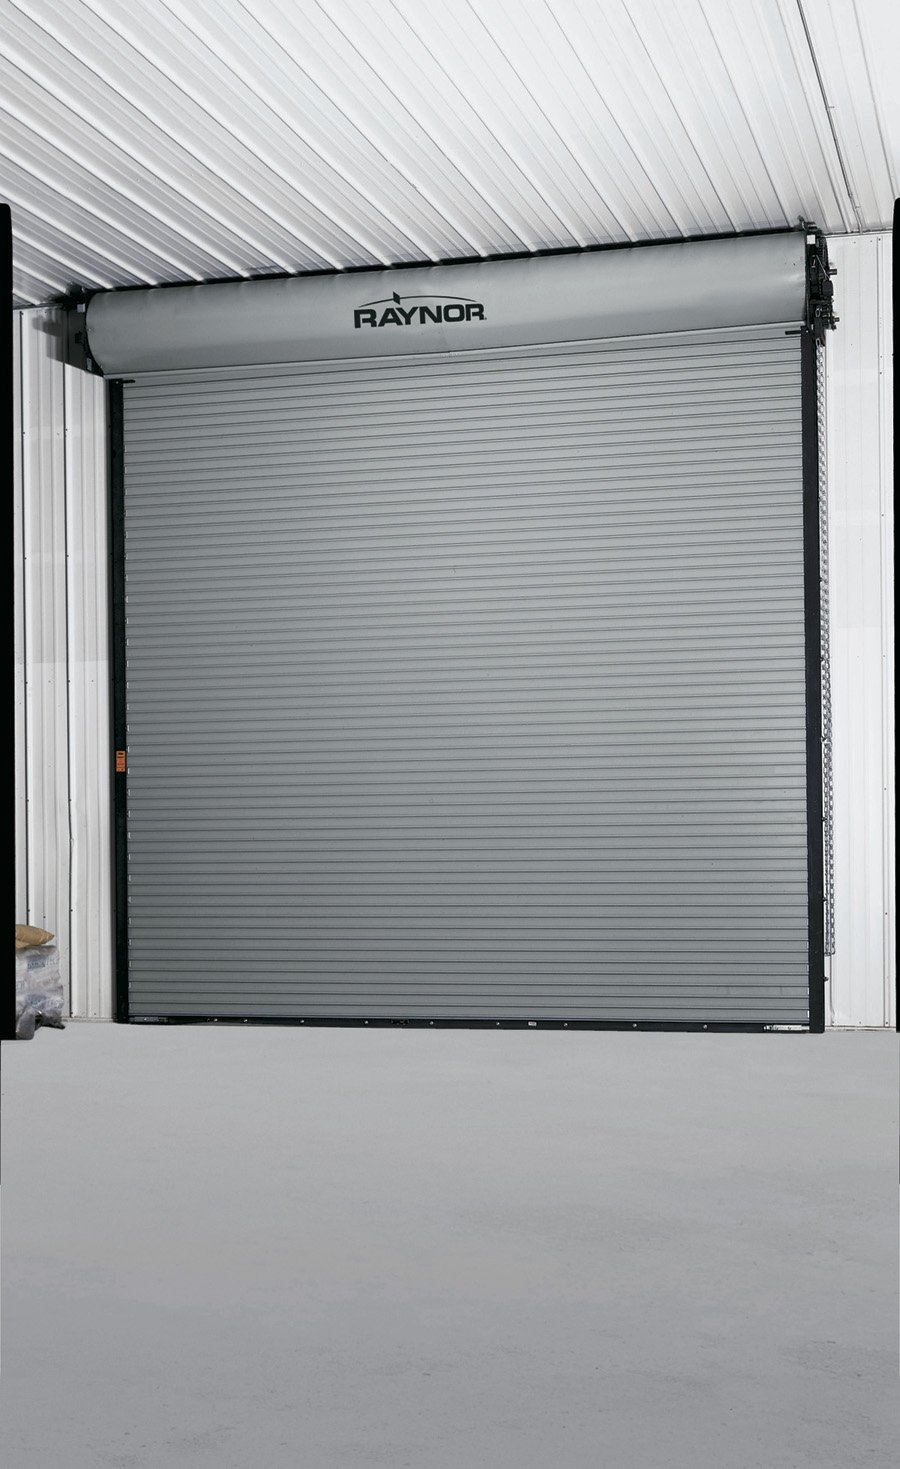 Raynor Garage Door